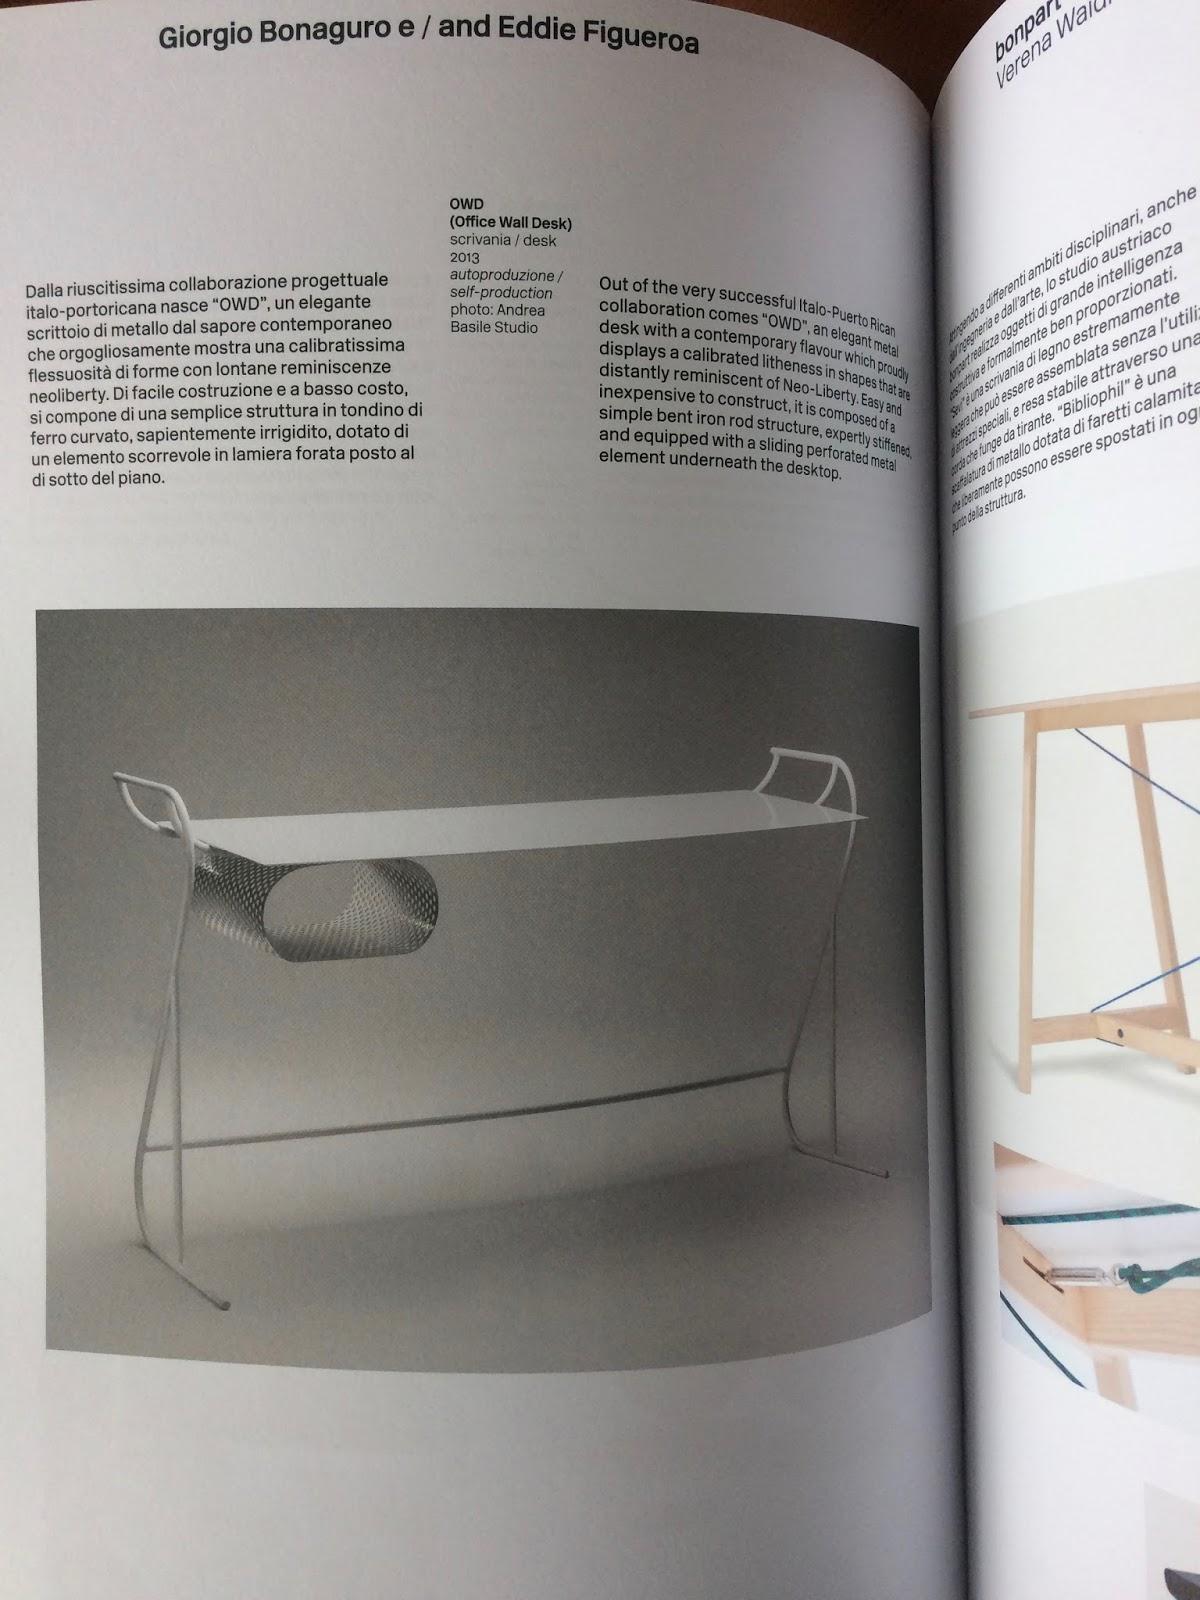 Oggetti A Basso Costo eddie figueroa feliciano: 20 years of new creativity, salone